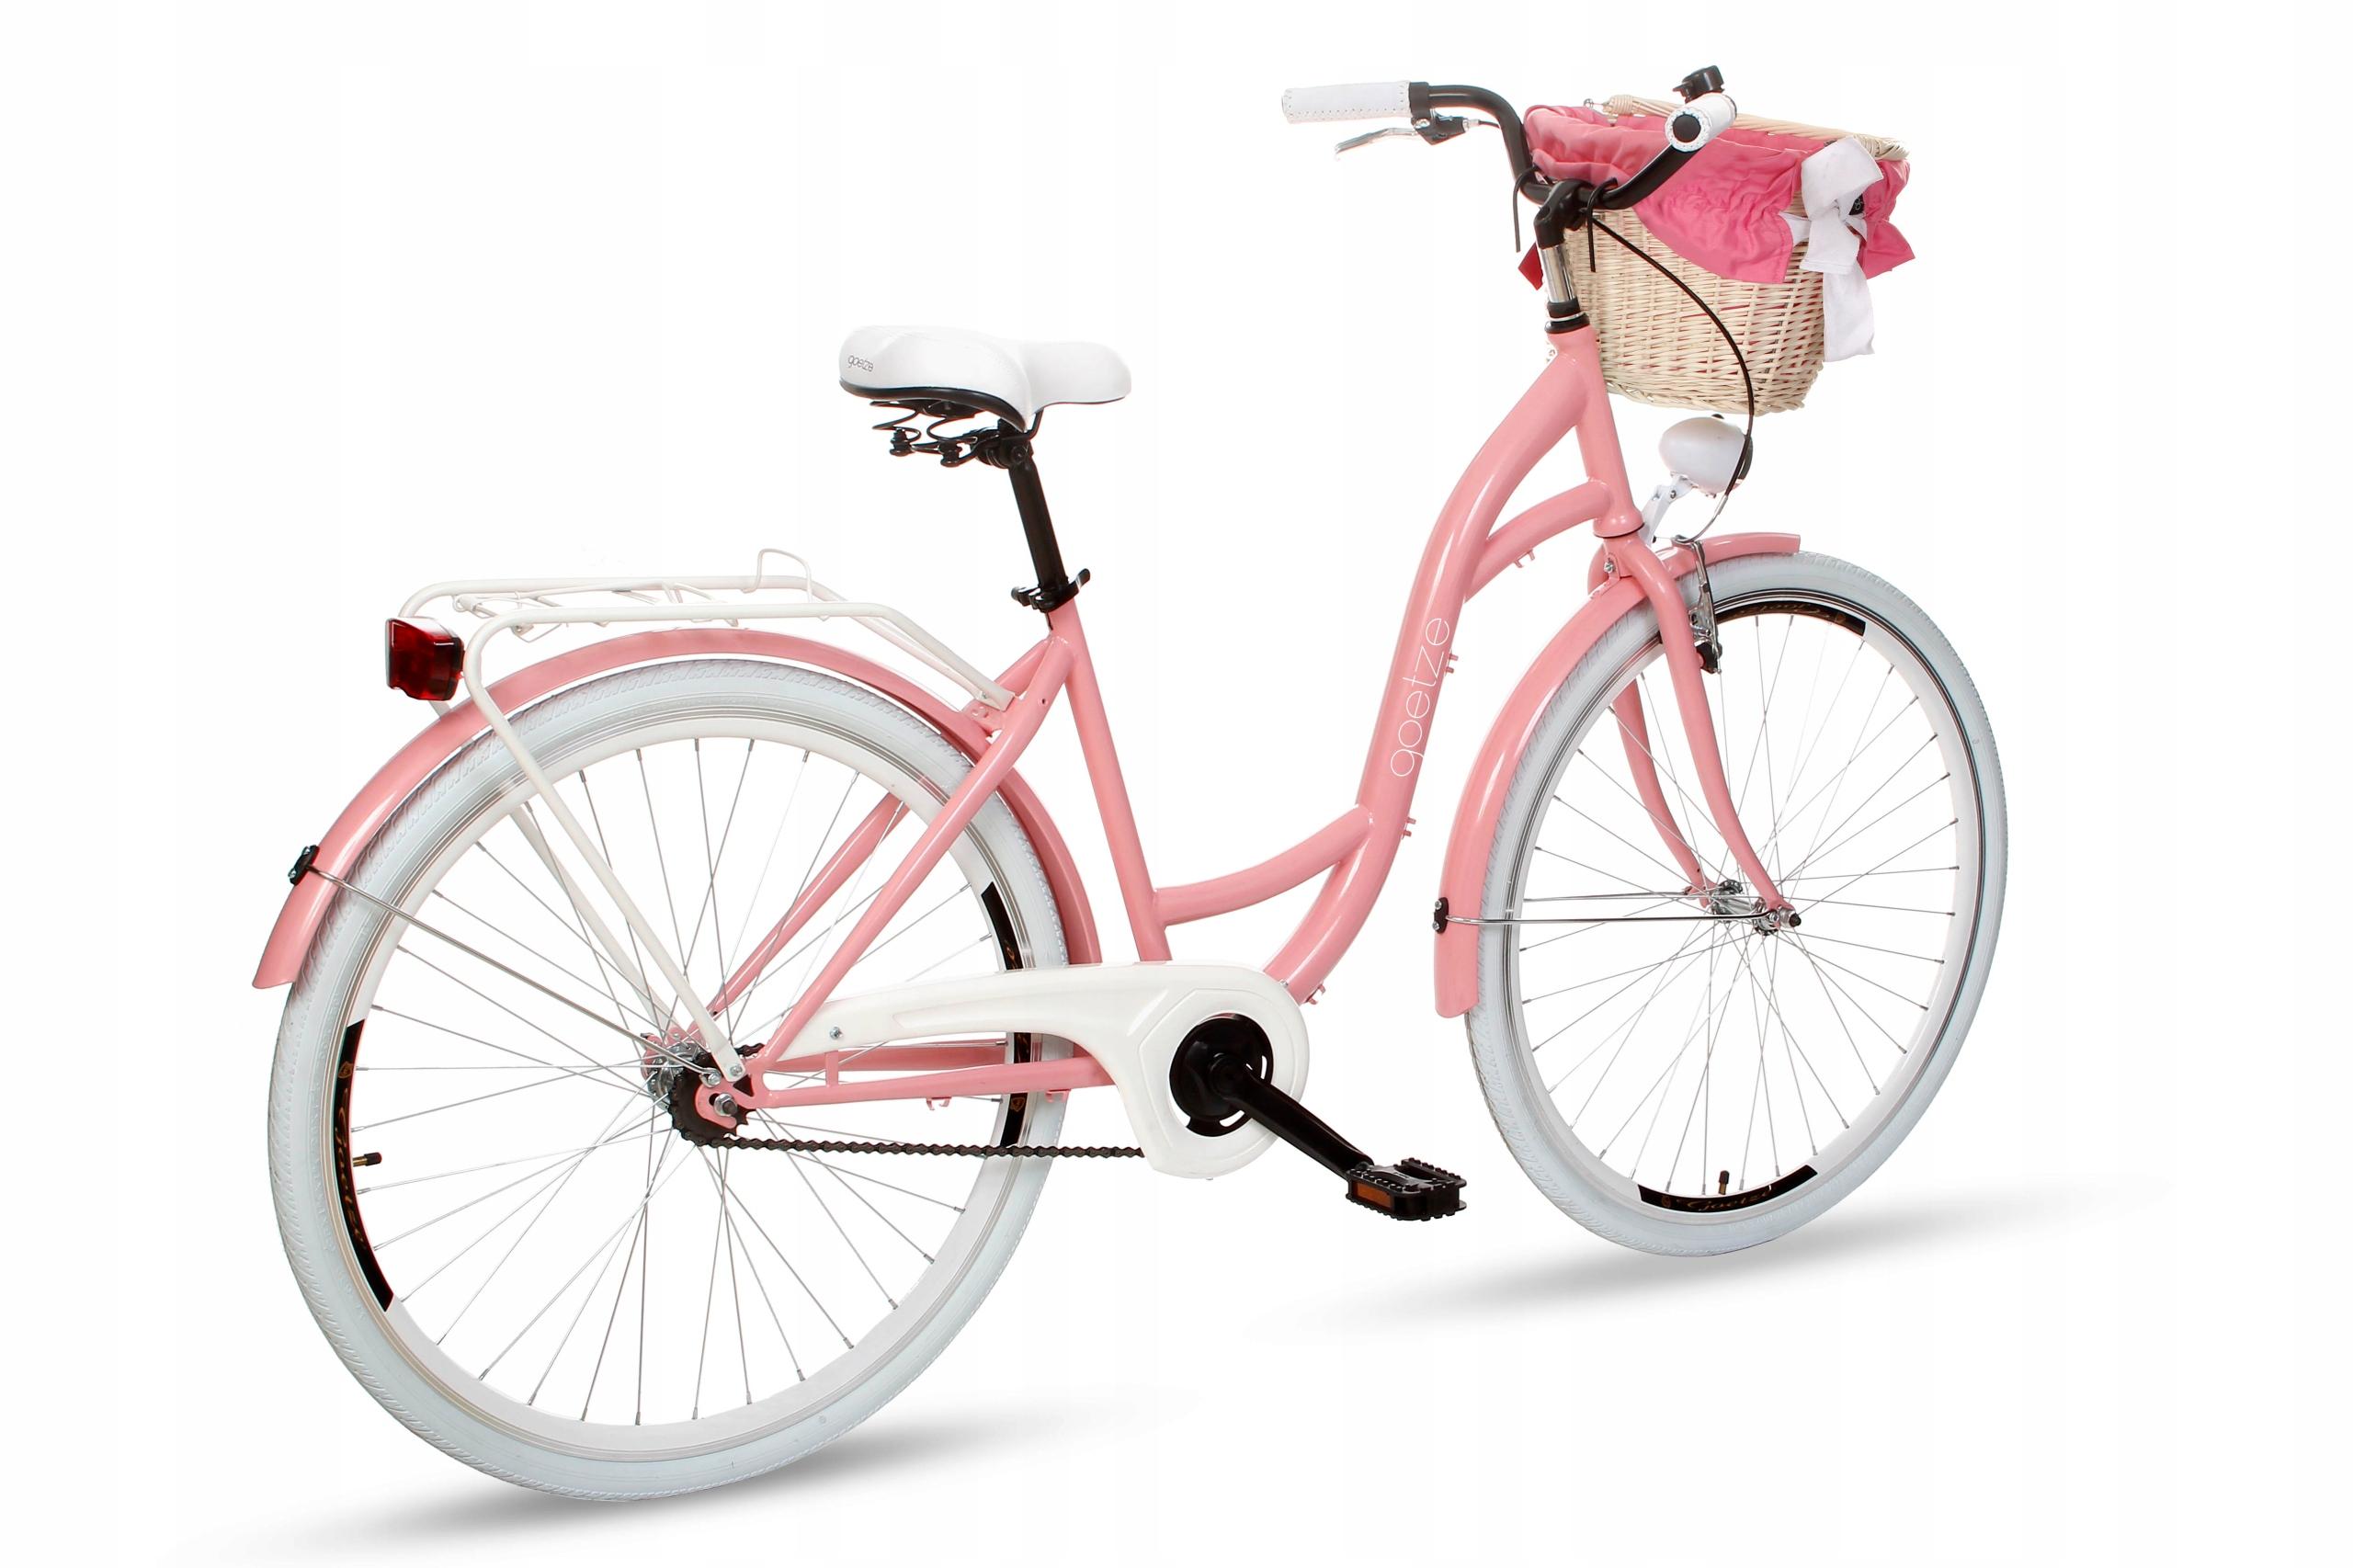 Dámsky mestský bicykel Goetze Style 28 košík !!!  # 4 Počet prevodových stupňov 1